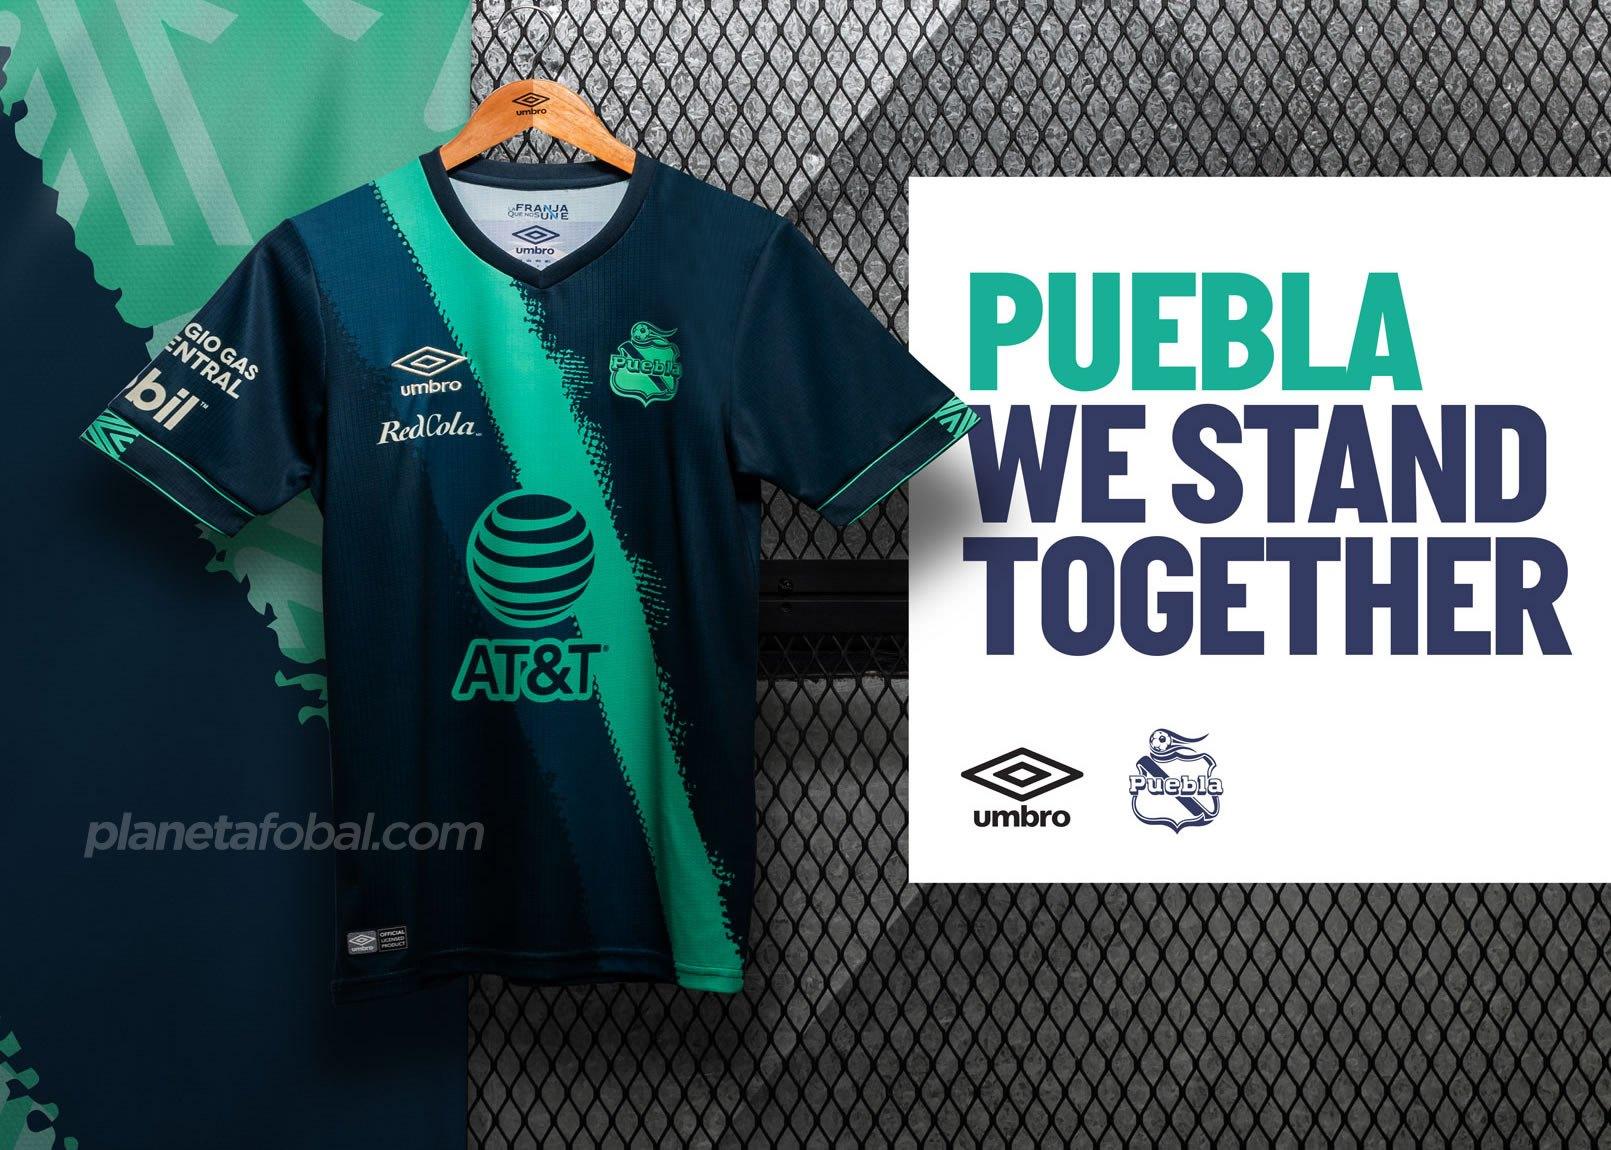 Camiseta visitante Umbro del Club Puebla 2020/21 | Imagen Twitter Oficial